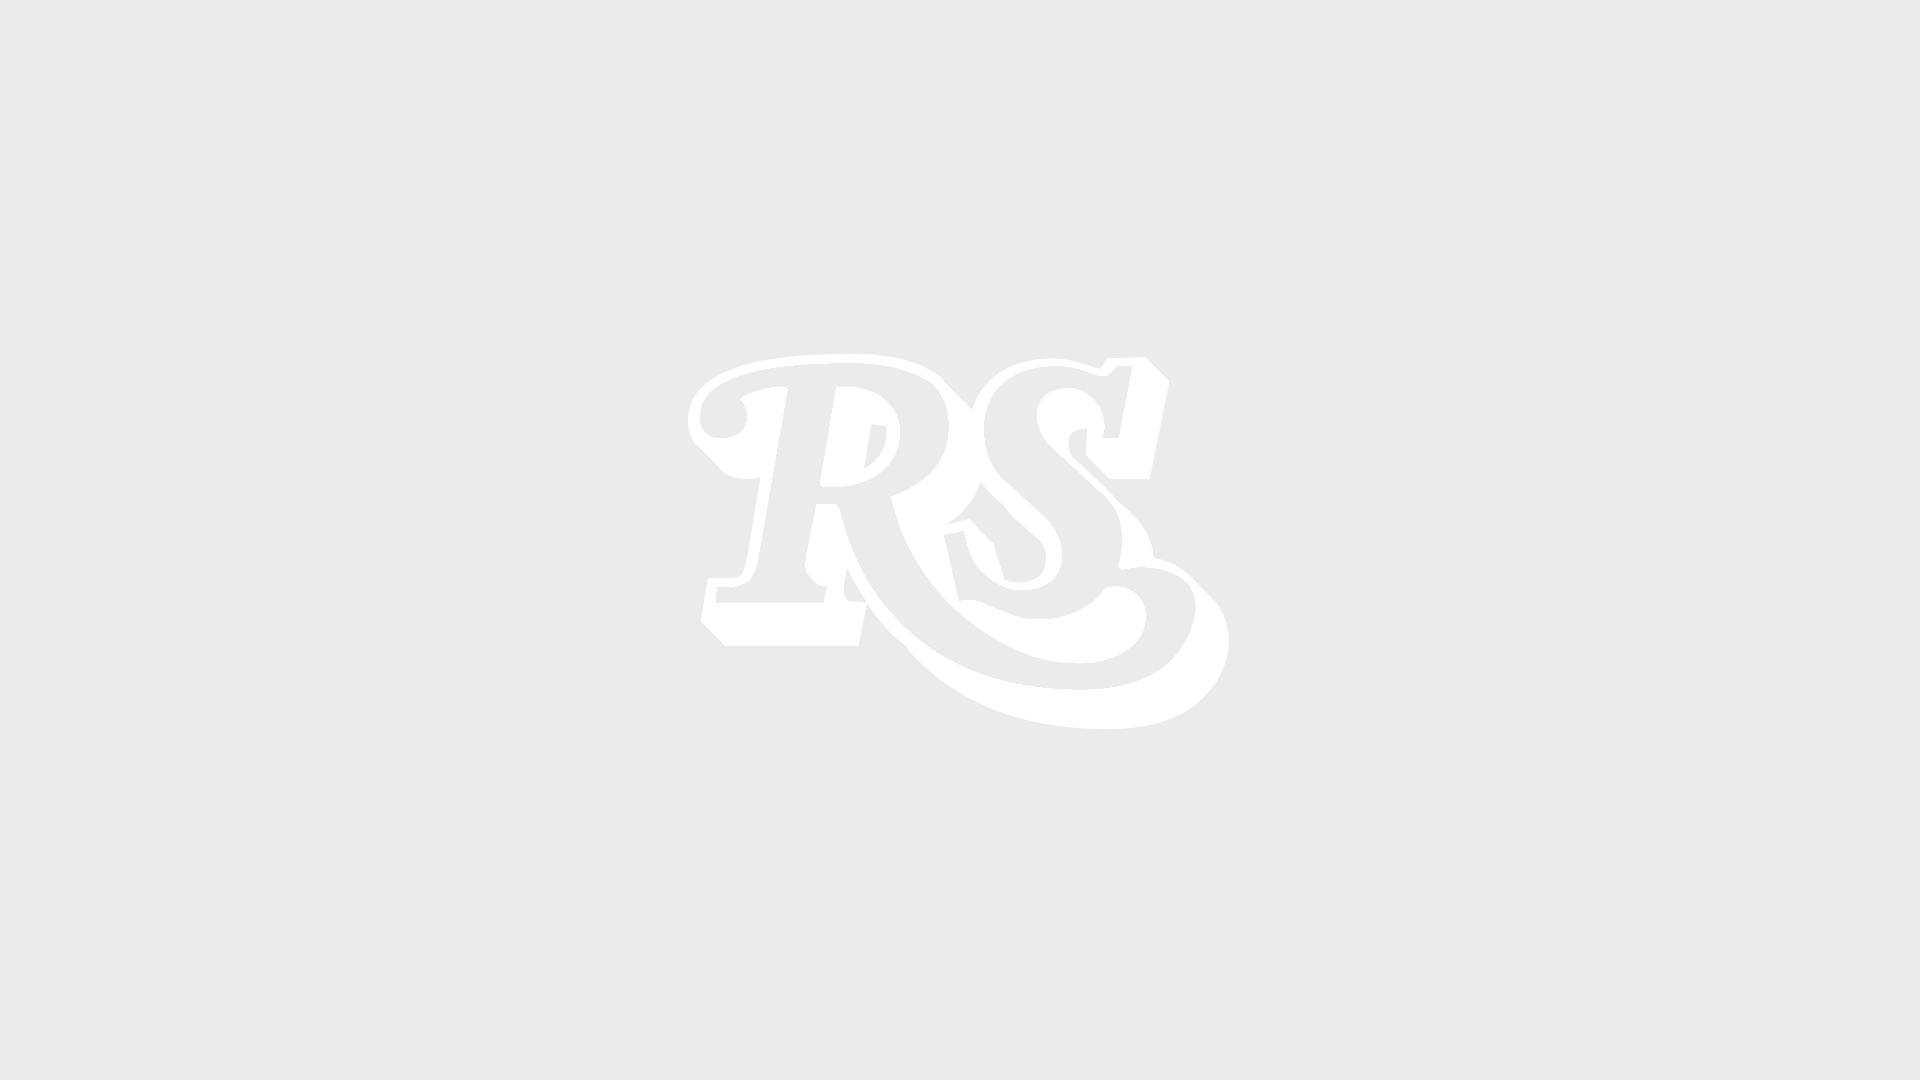 Keith Richards und Mick Jagger werden von Fans belagert, nachdem sie sich vor einem Gericht in Chicester wegen illegalen Drog